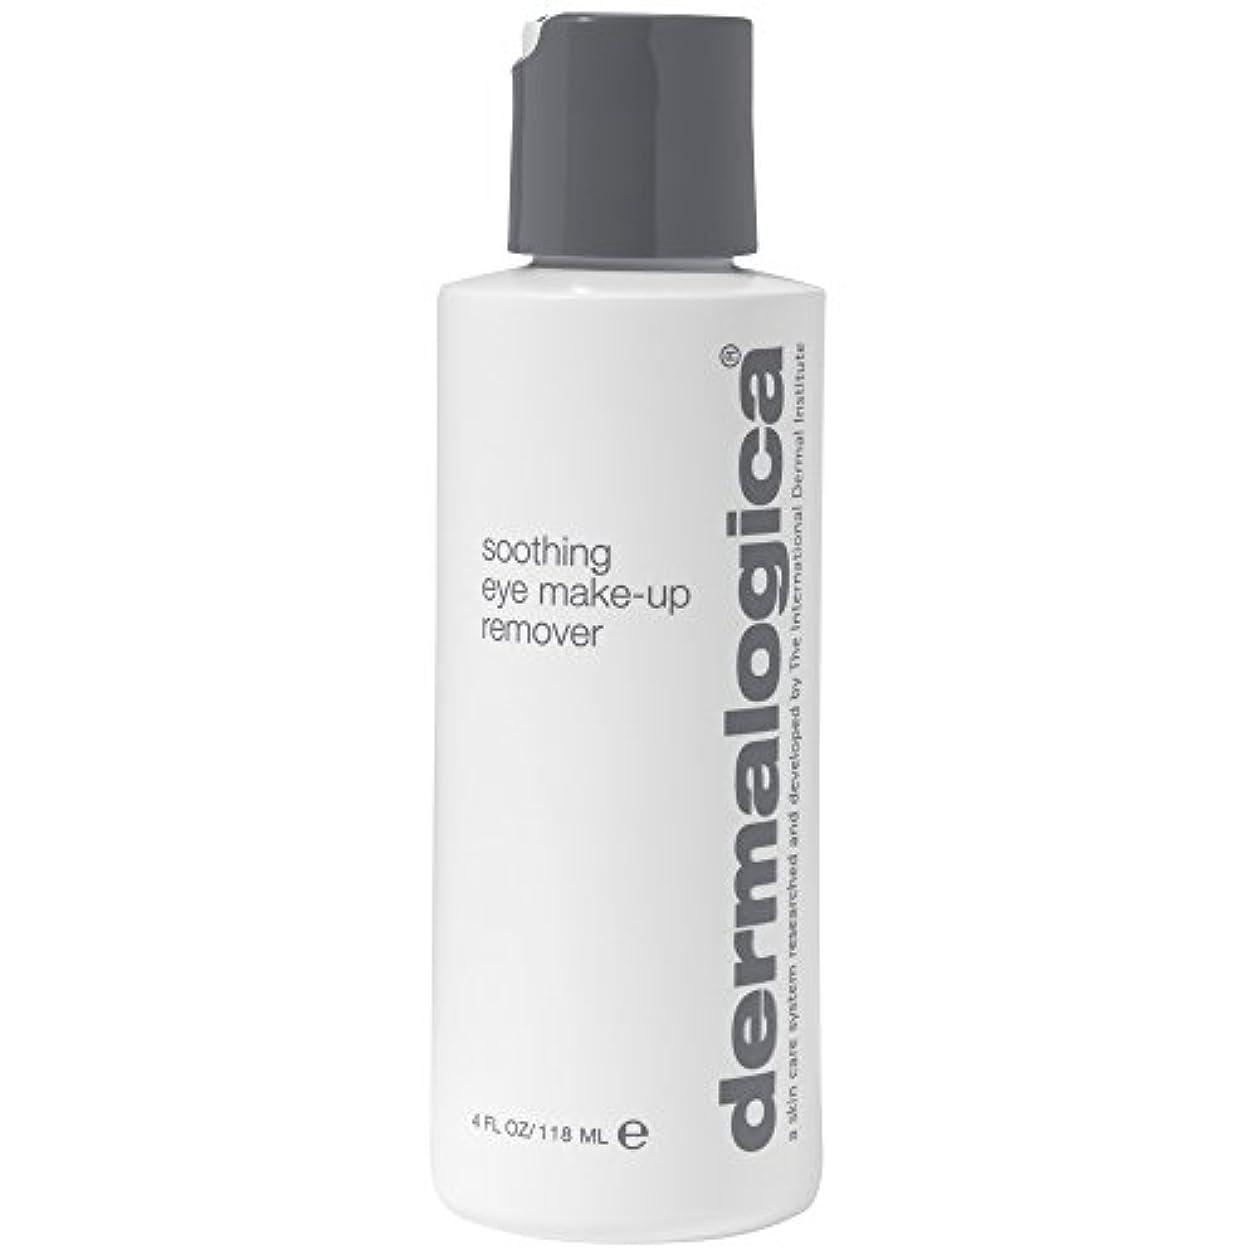 採用する週間要求するダーマロジカなだめるアイメイクアップリムーバーの118ミリリットル (Dermalogica) - Dermalogica Soothing Eye Makeup Remover 118ml [並行輸入品]